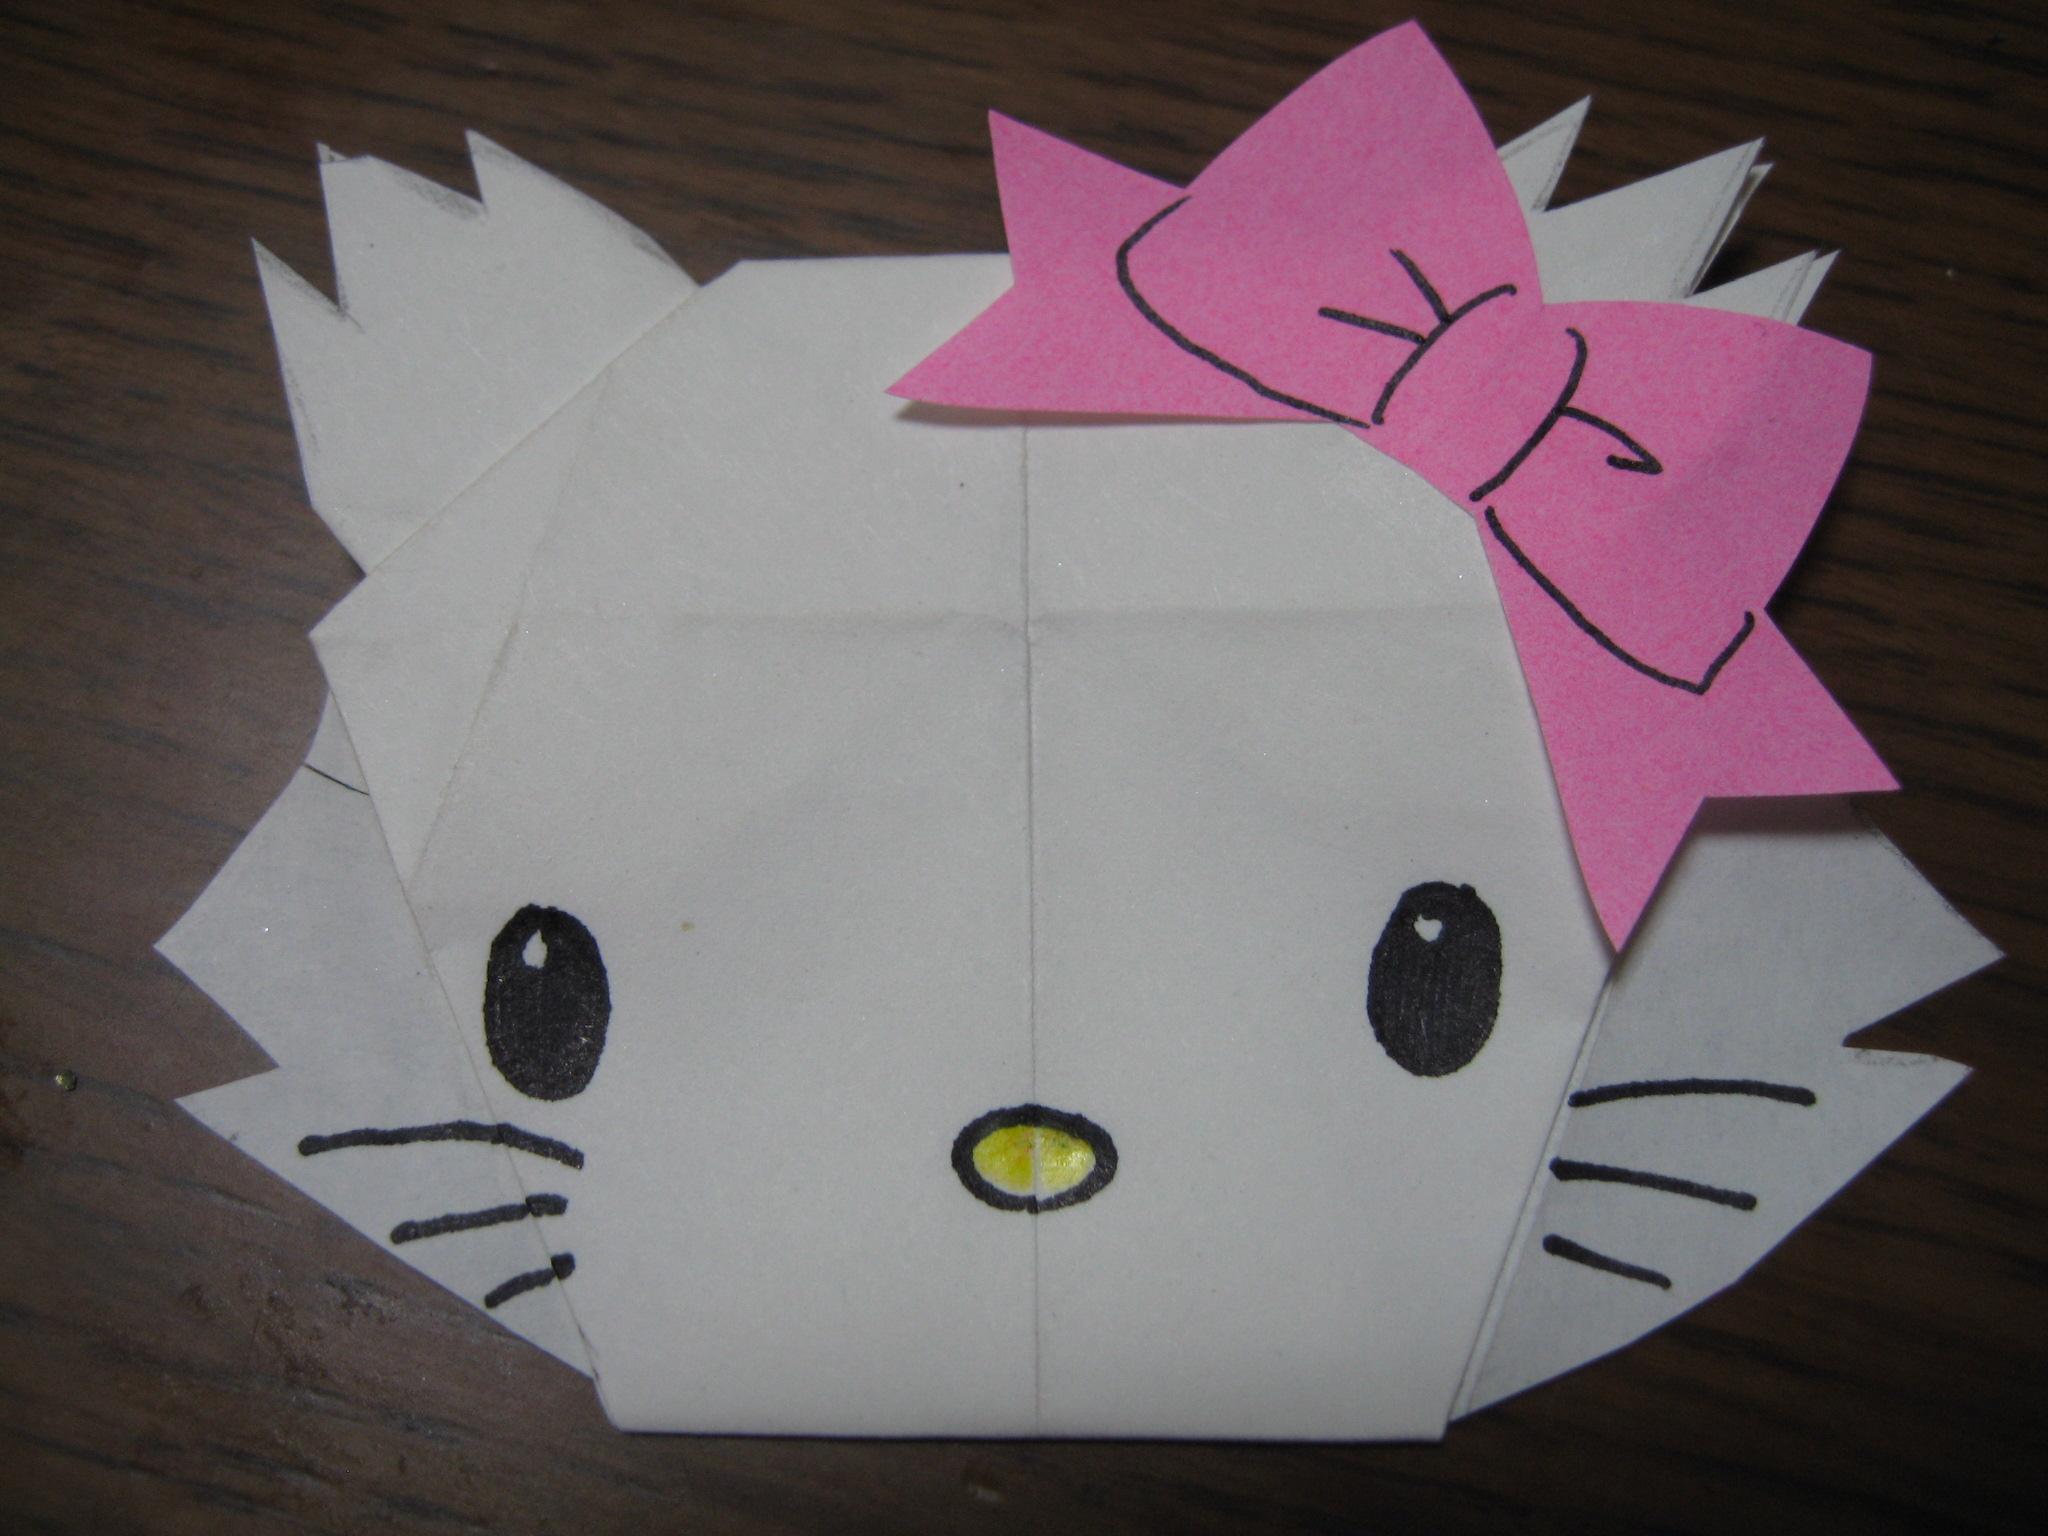 チャーミーキティ 折り紙作家 自称 あみごりの折り紙ルーム